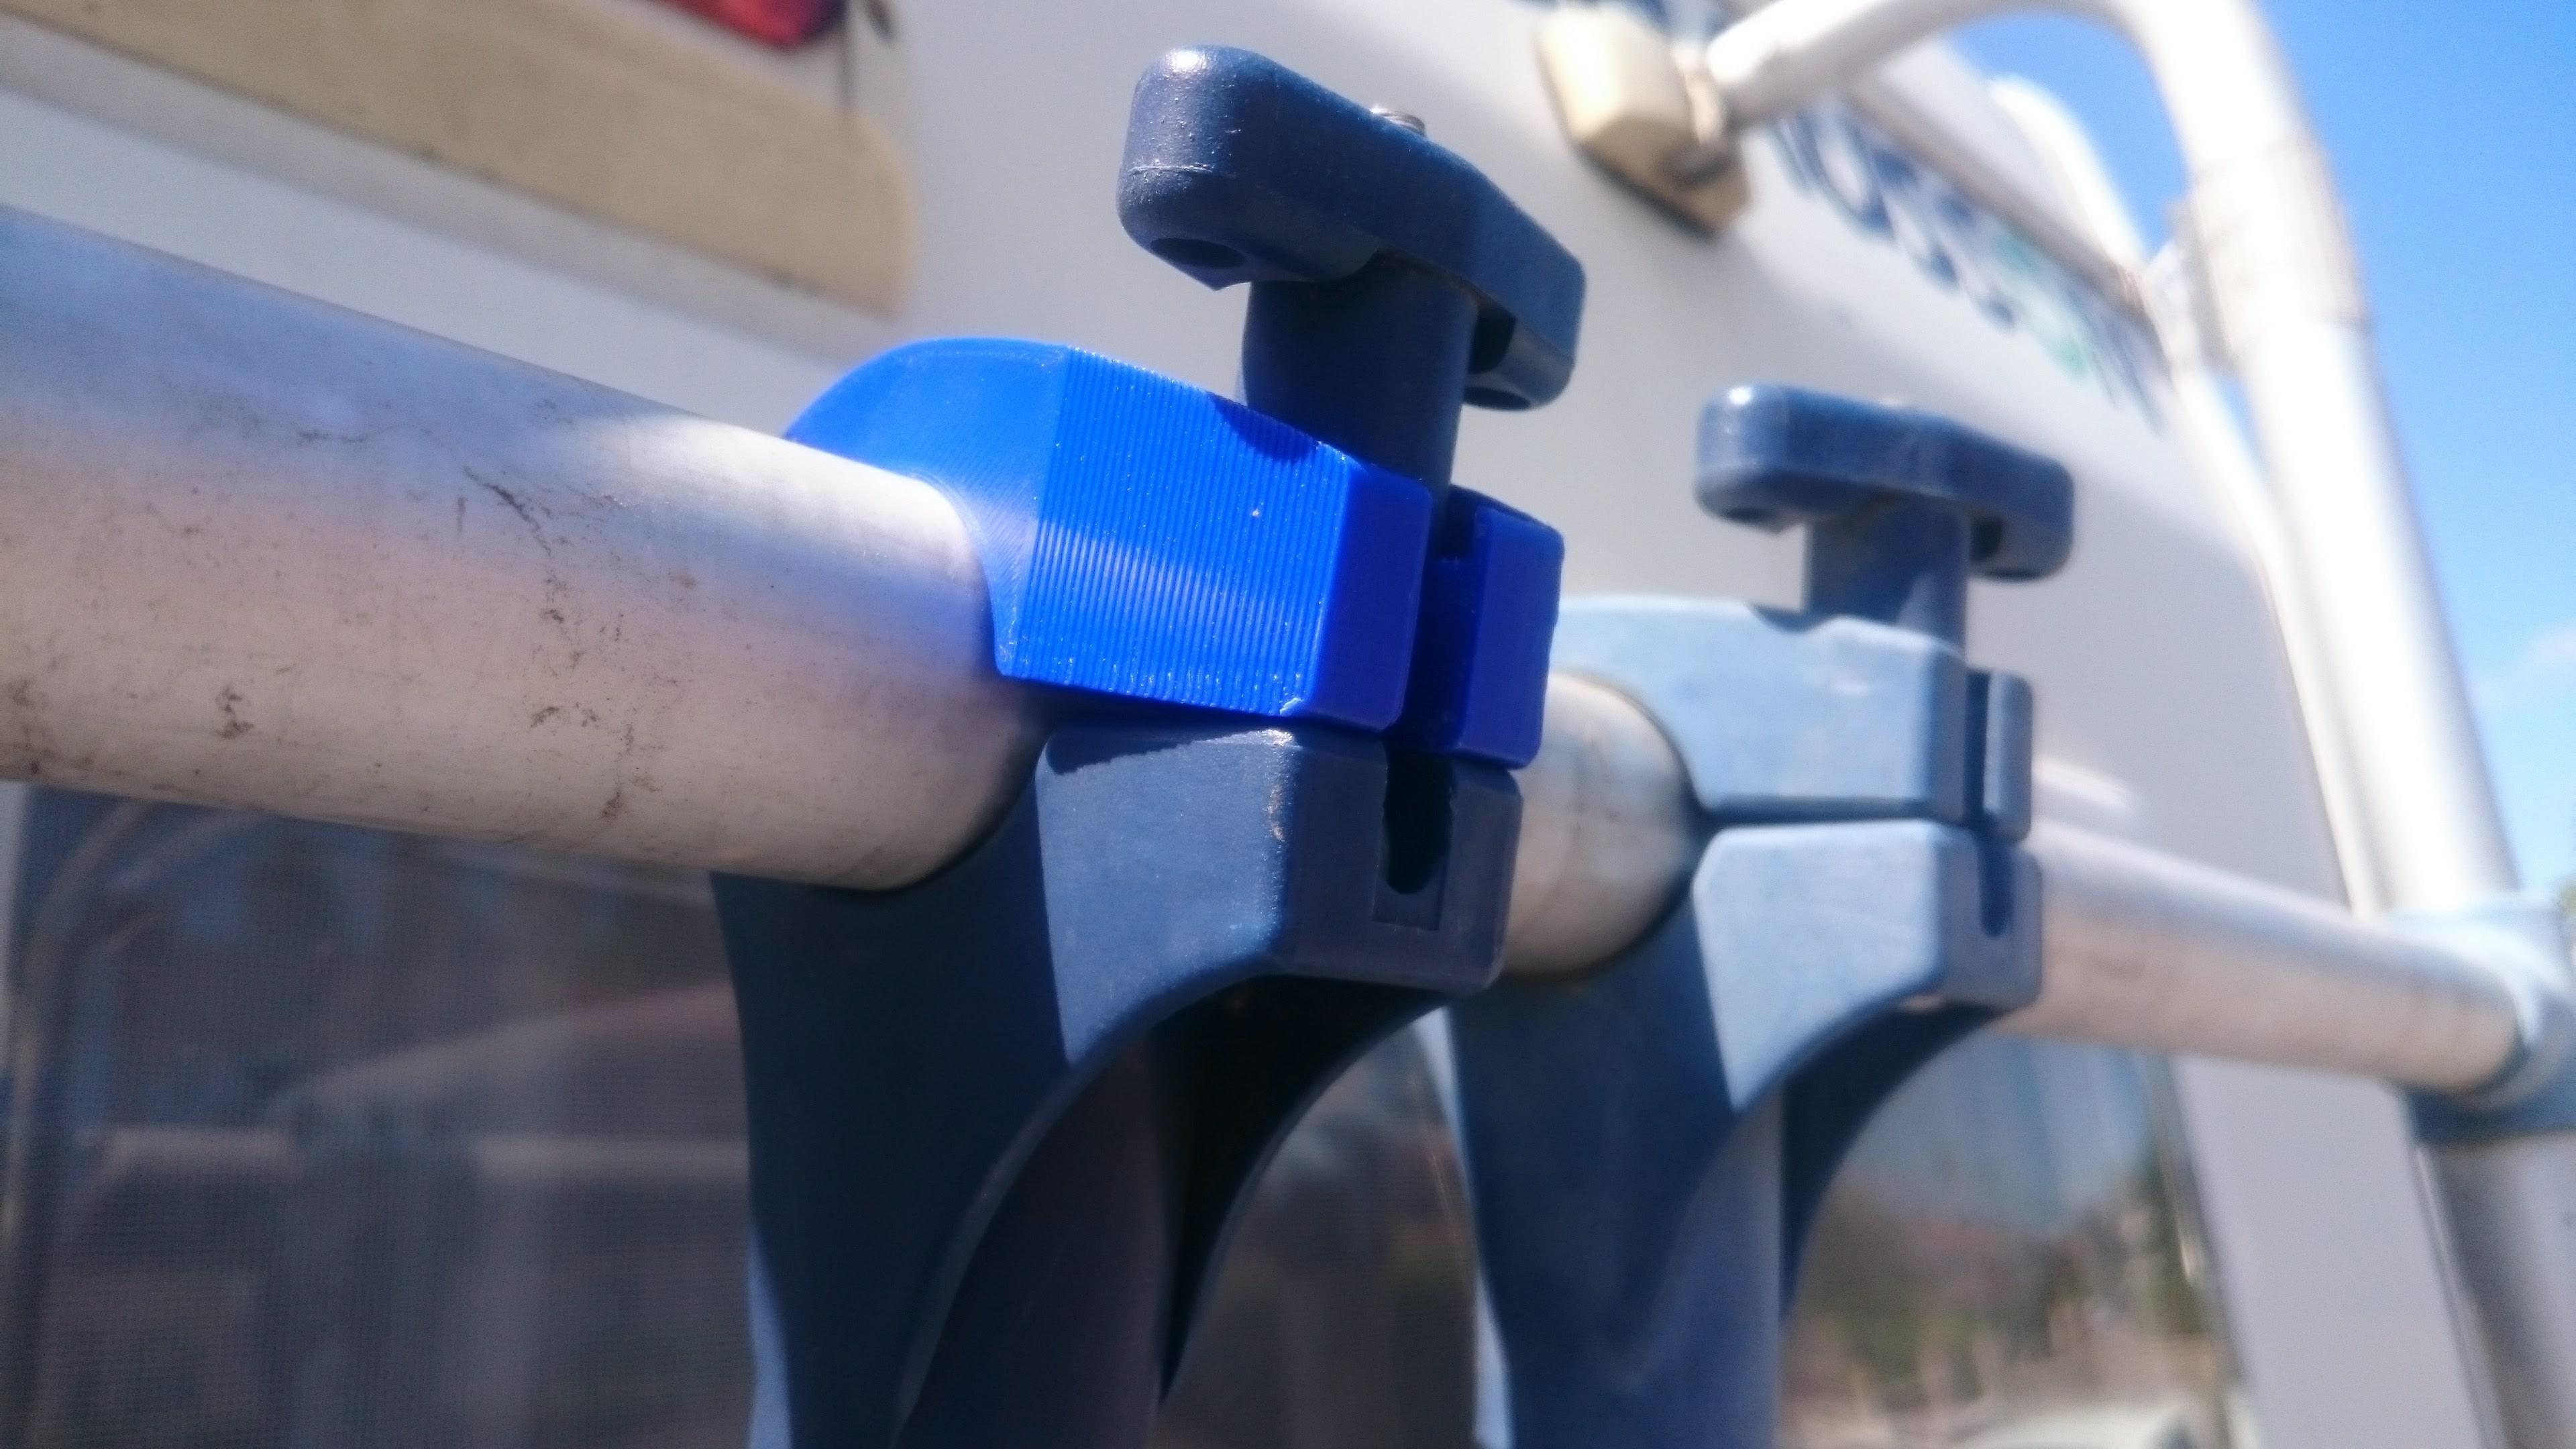 Piece support velo.jpg Télécharger fichier STL gratuit Pièces Porte vélo camping car • Plan à imprimer en 3D, Ldom21